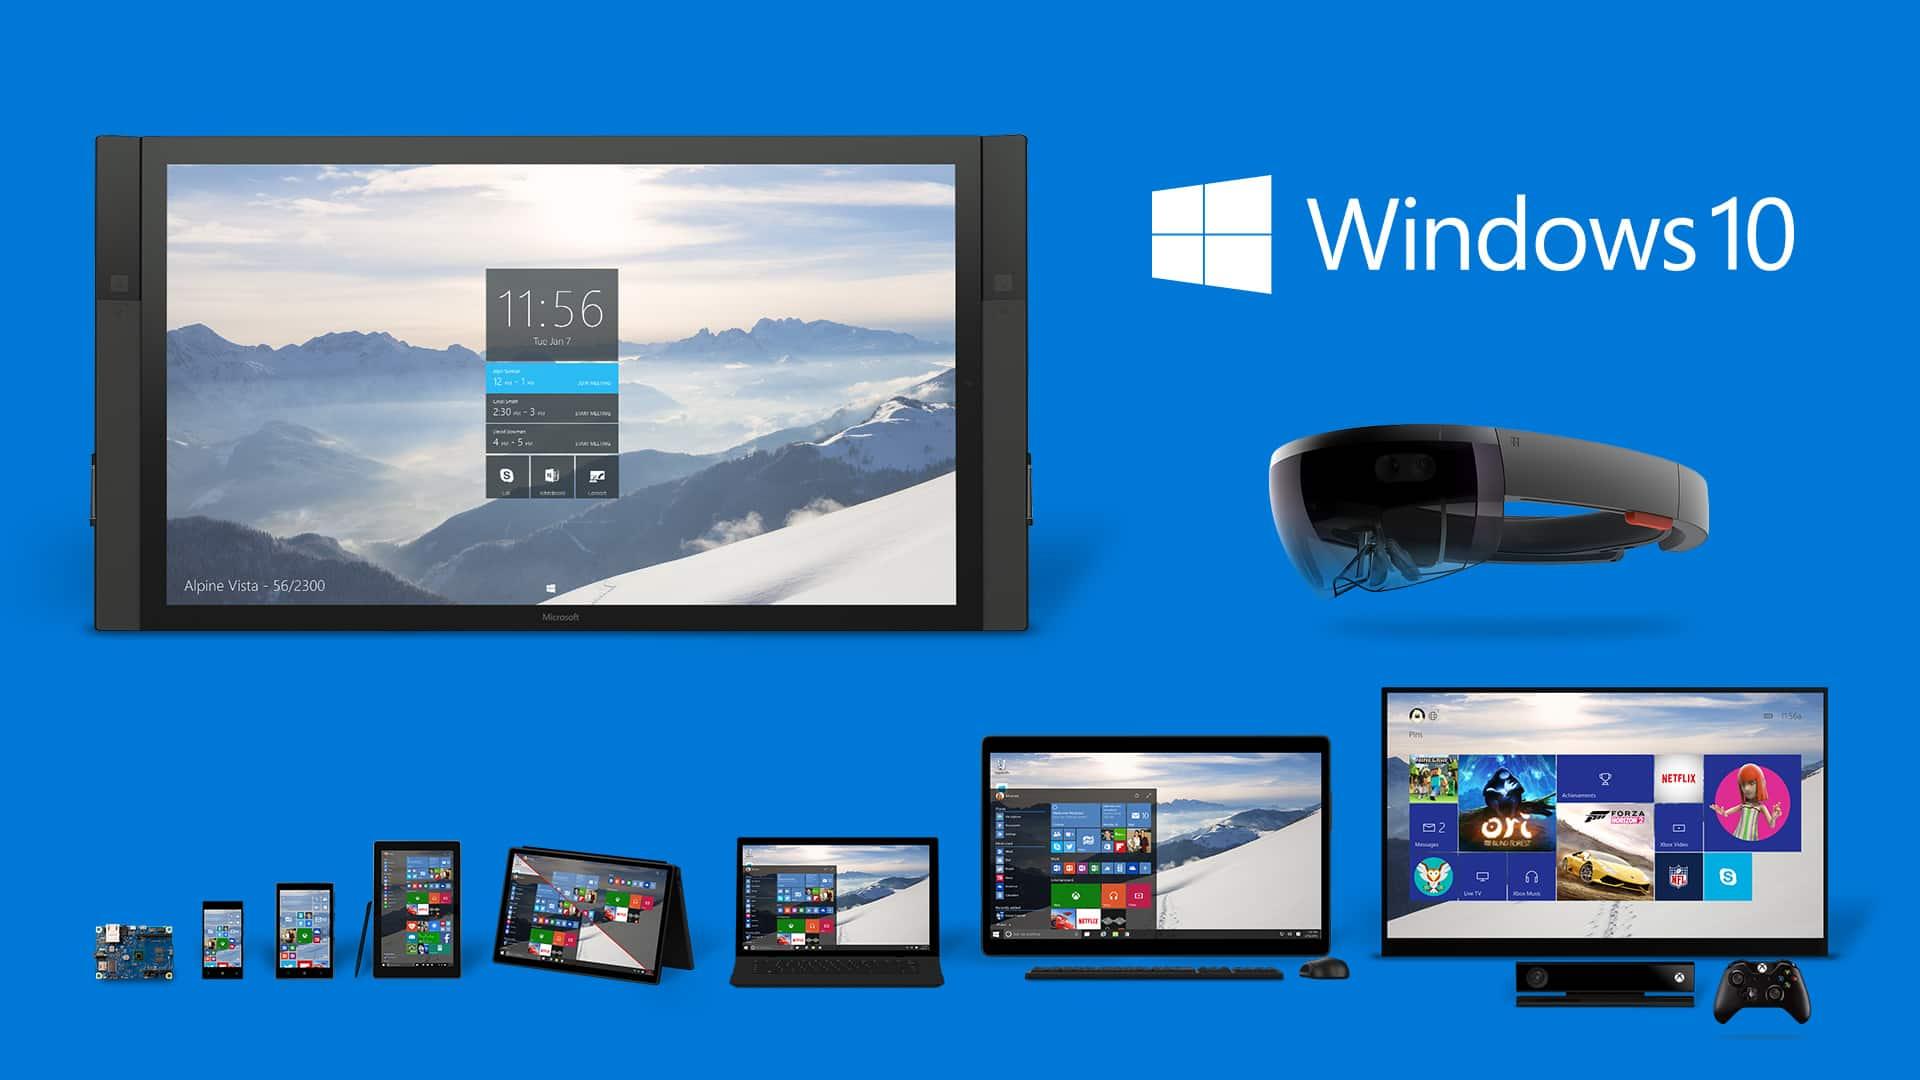 Windows-10_Product-Family 7 مميزات رئيسية في ويندوز 10 تجعله الأفضل